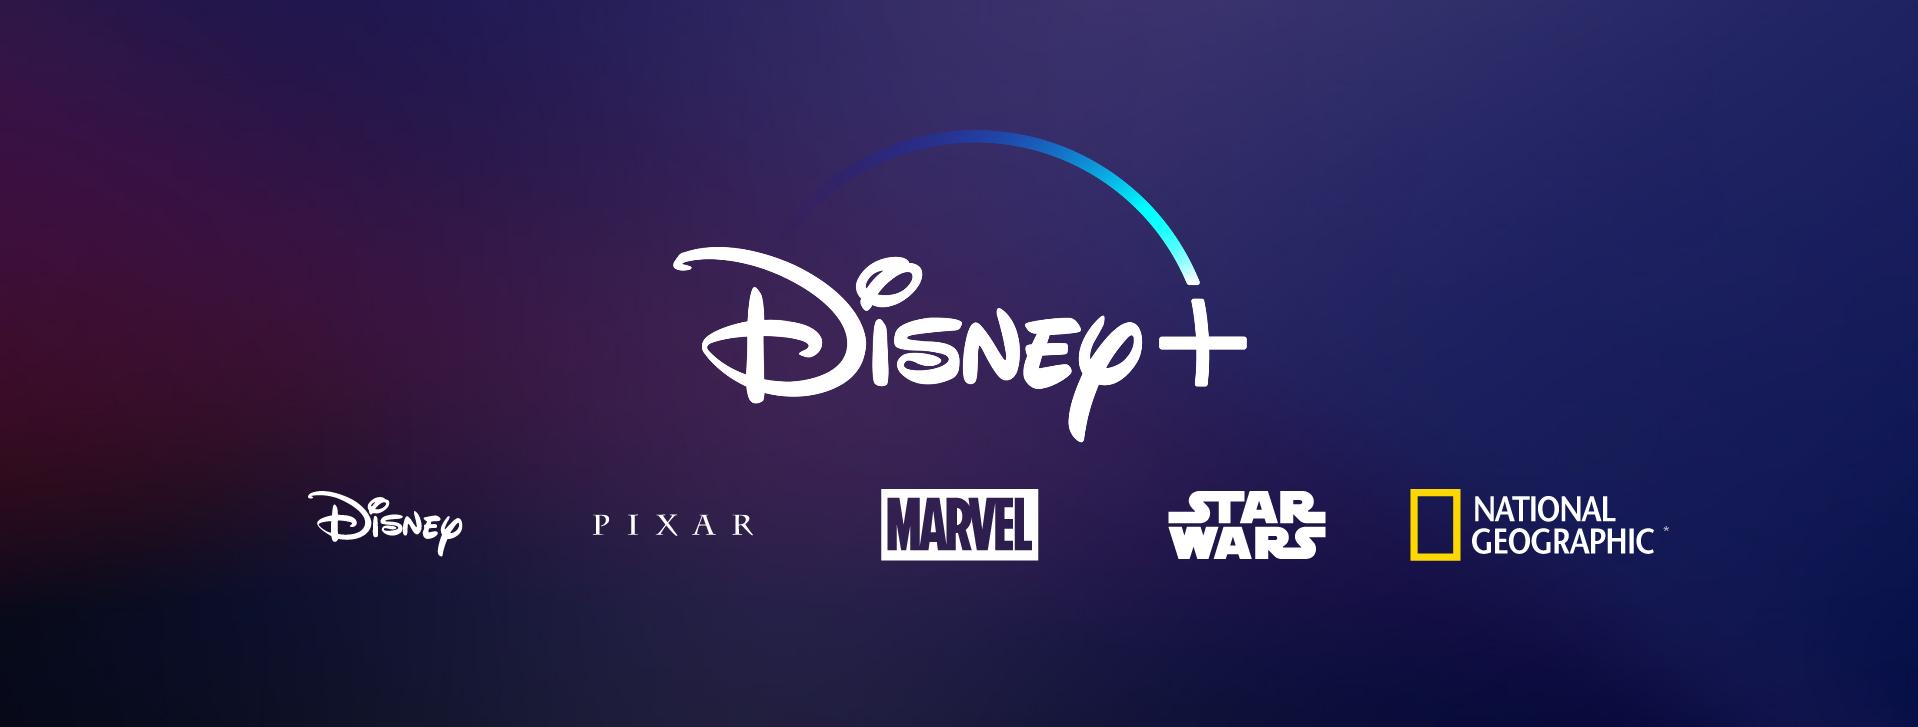 Disney+ : vous ne pourrez pas utiliser le compte d'un ami comme sur Netflix